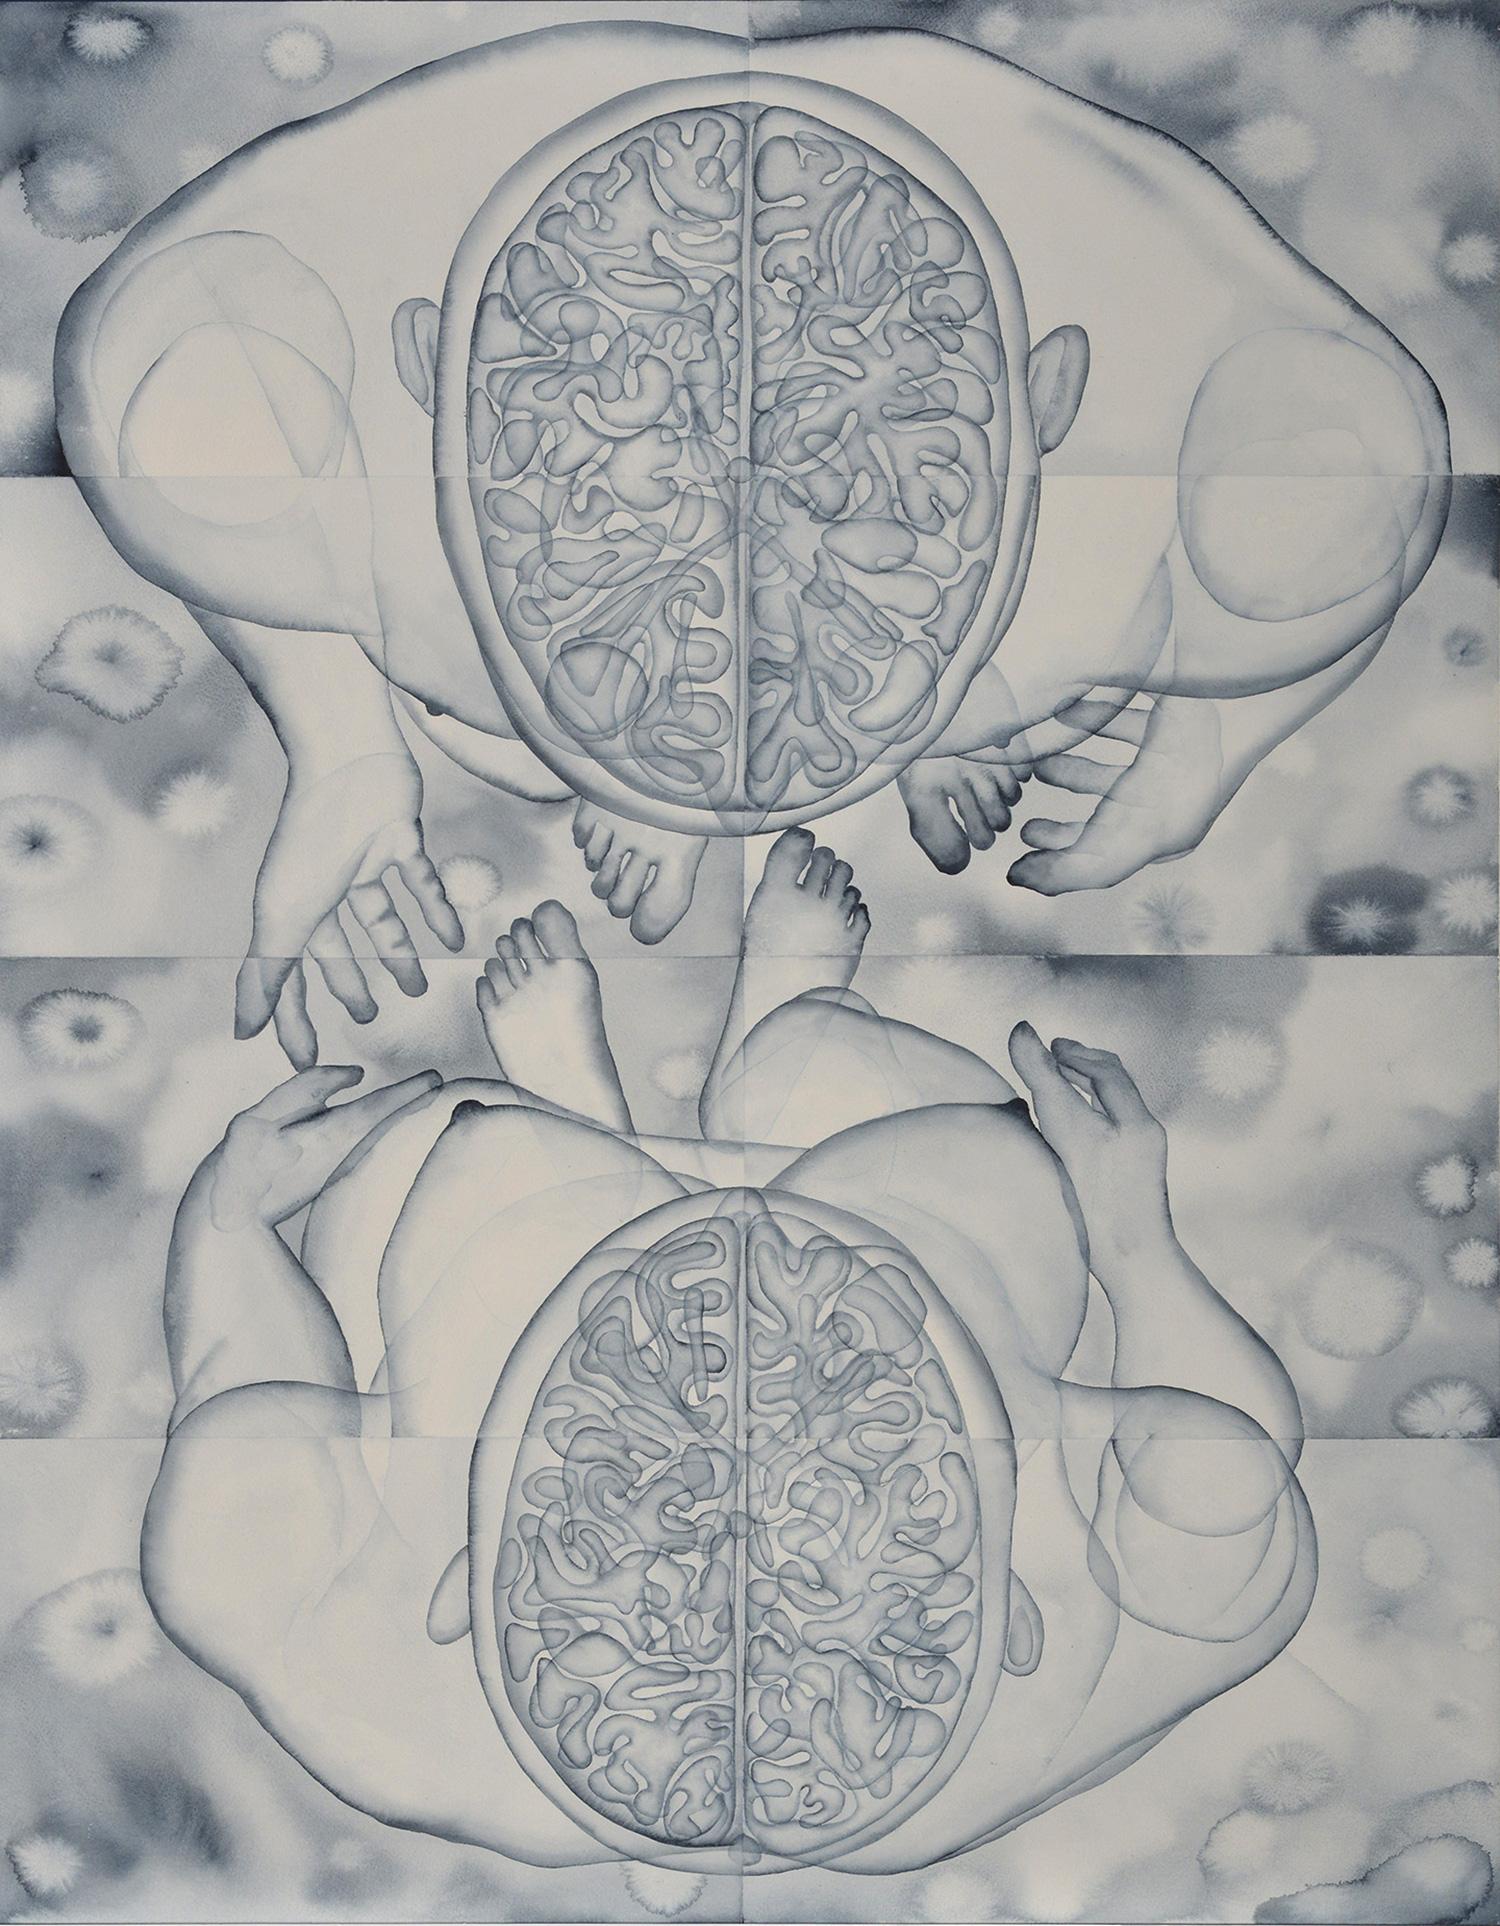 Stefano Bonzano, Fisiognomica sentimentale, acquerello su carta applicato su due pannelli, 84,5x112 cm, 2019.